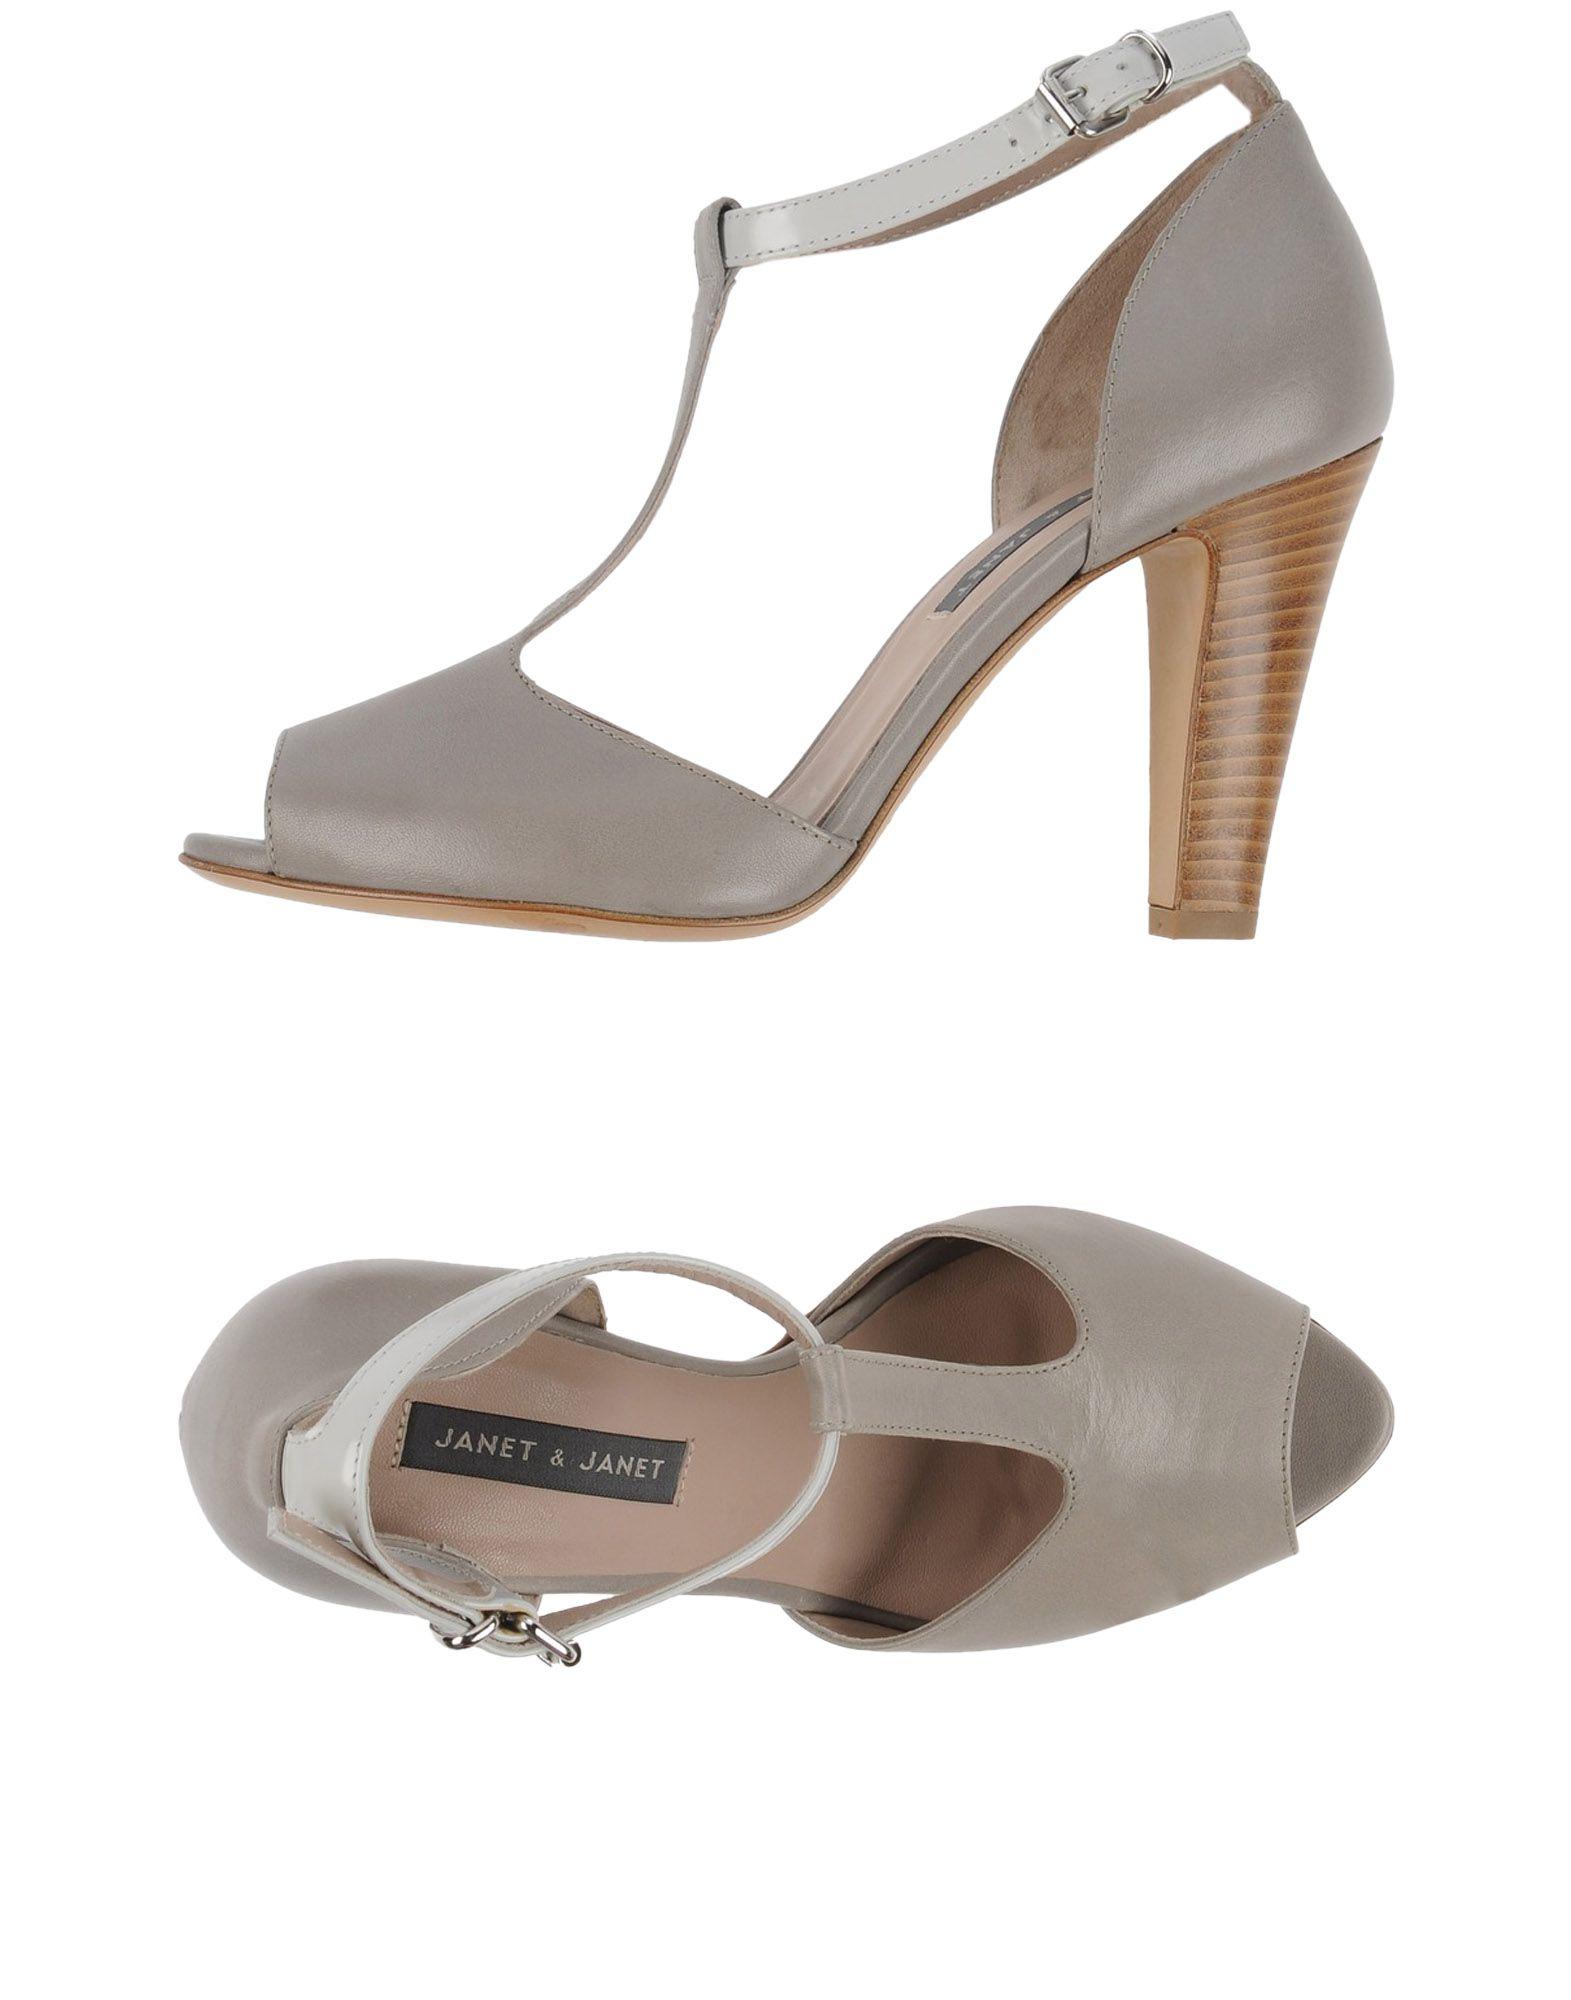 Janet & Janet Sandalen Damen Schuhe 44959760FL Gute Qualität beliebte Schuhe Damen e103ab